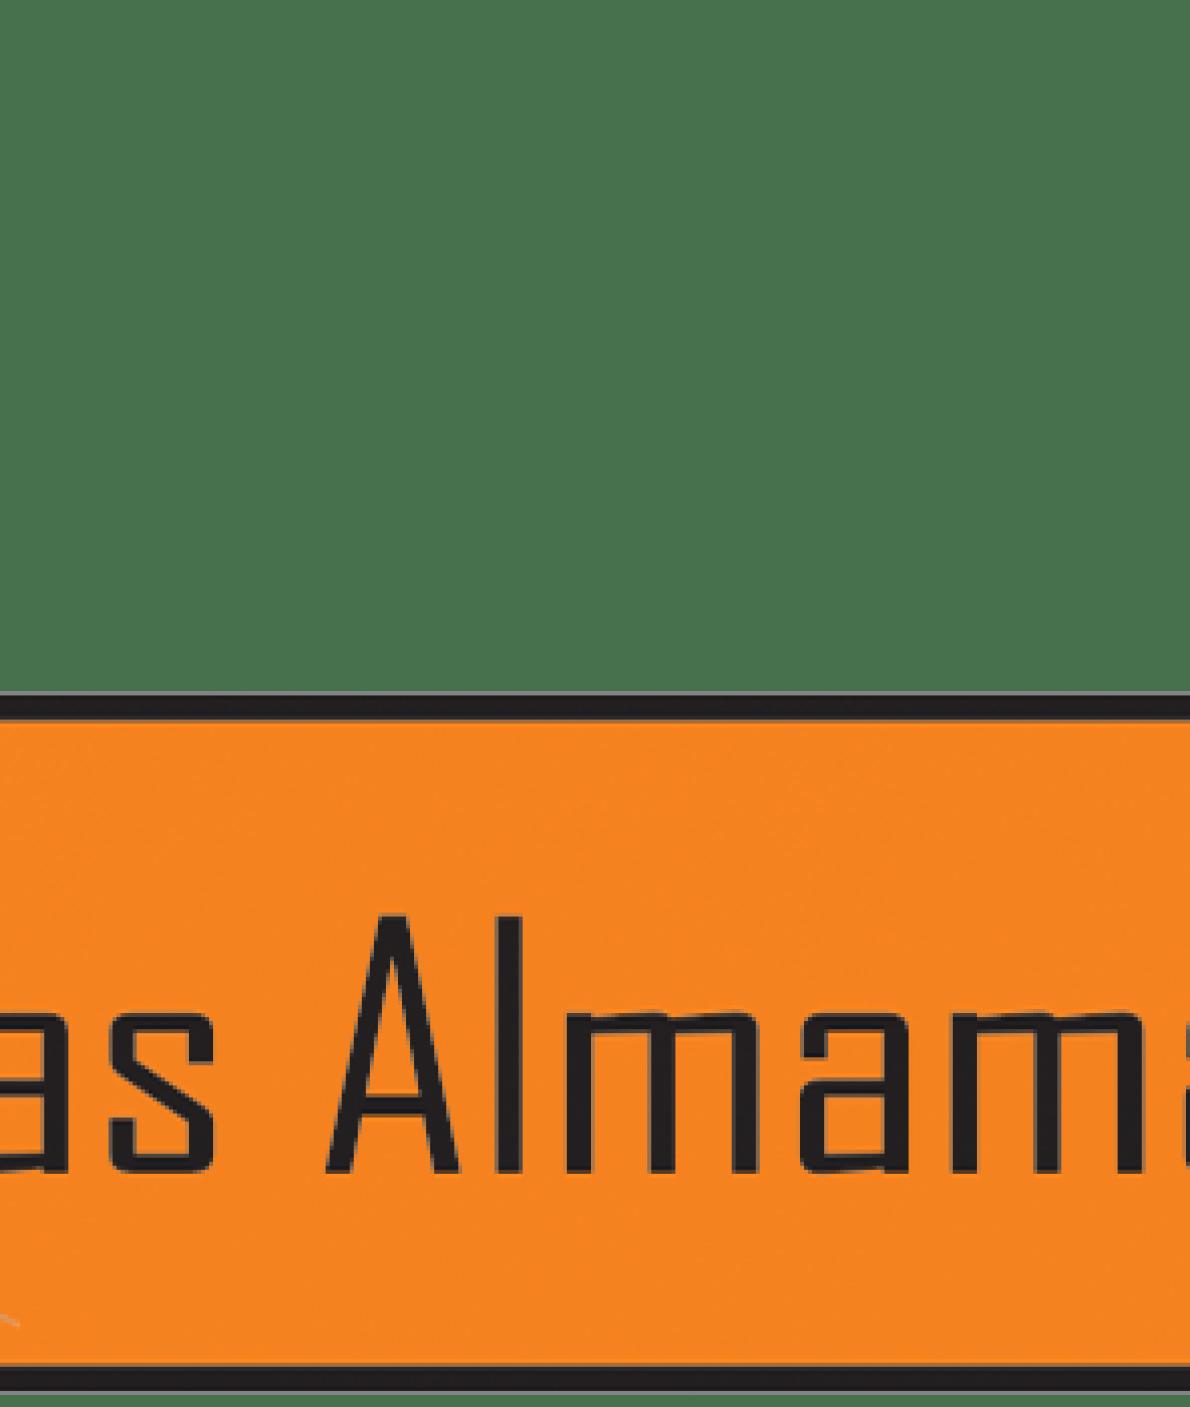 Konveksi Jas Almamater Langkat Sumatera Utara